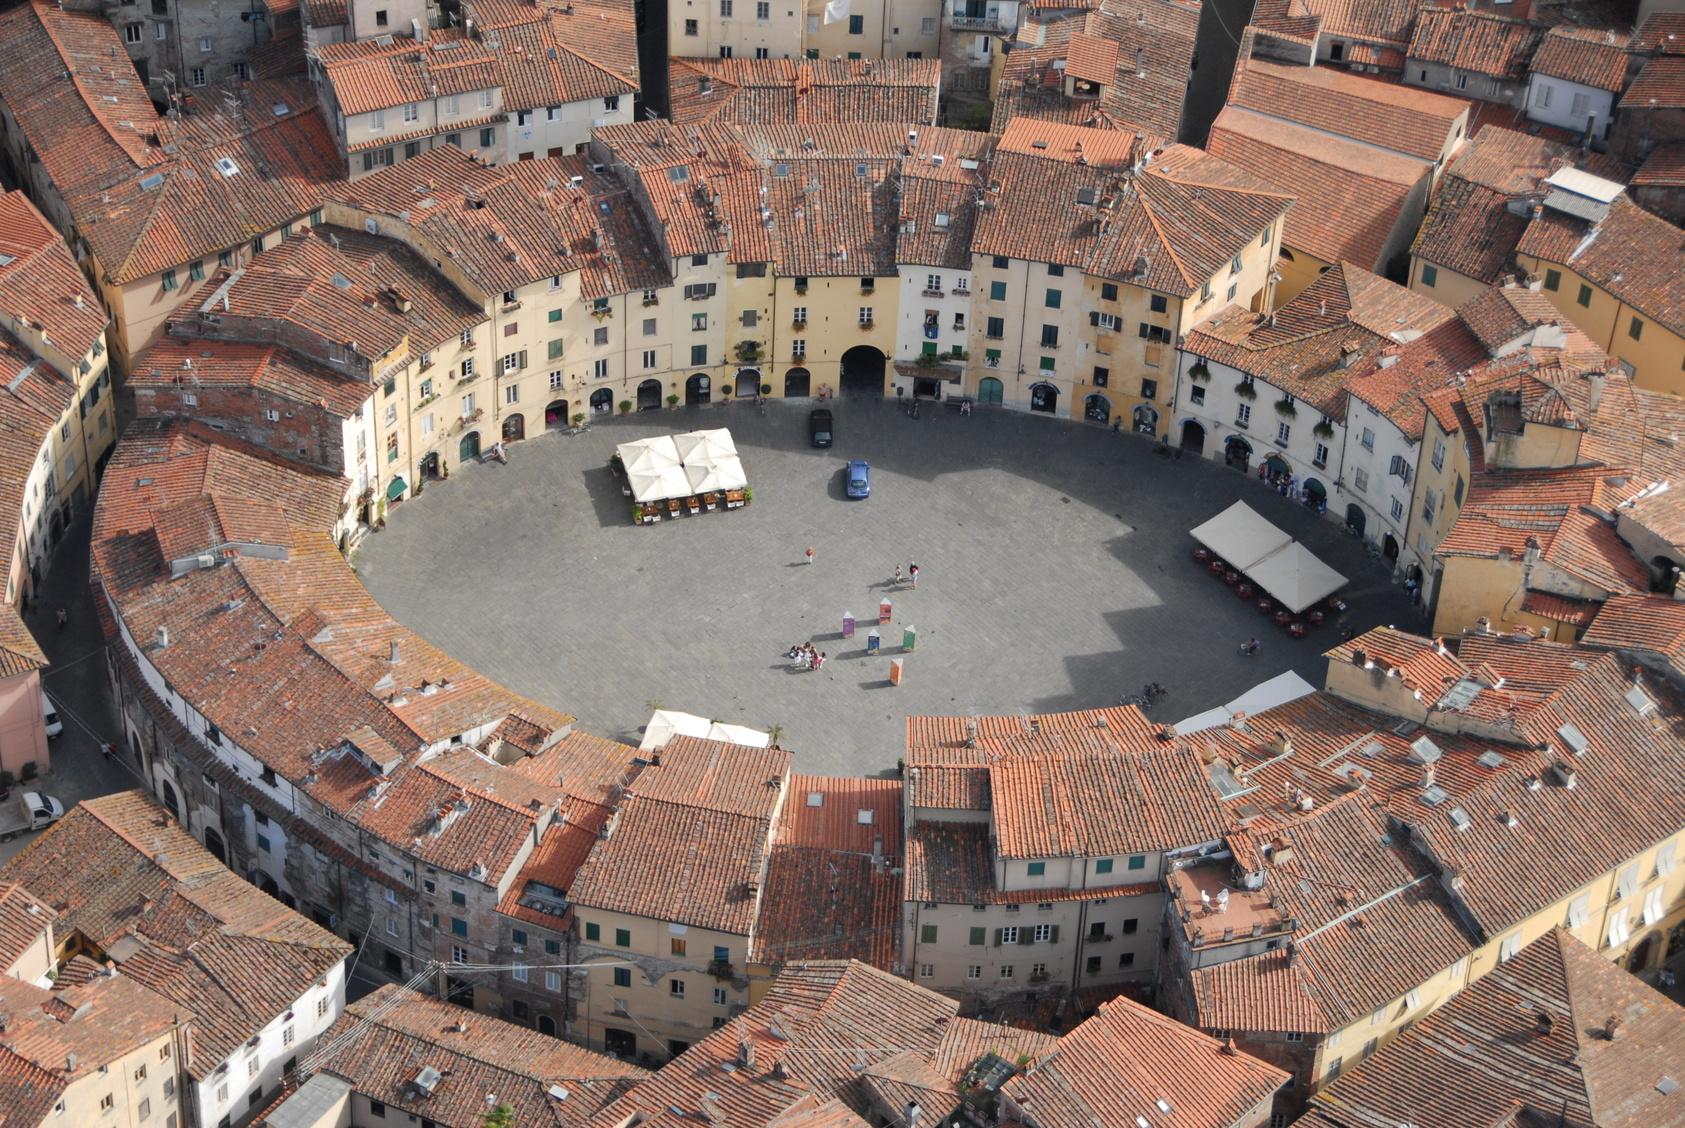 1-piazza-anfiteatro-lucca.jpg